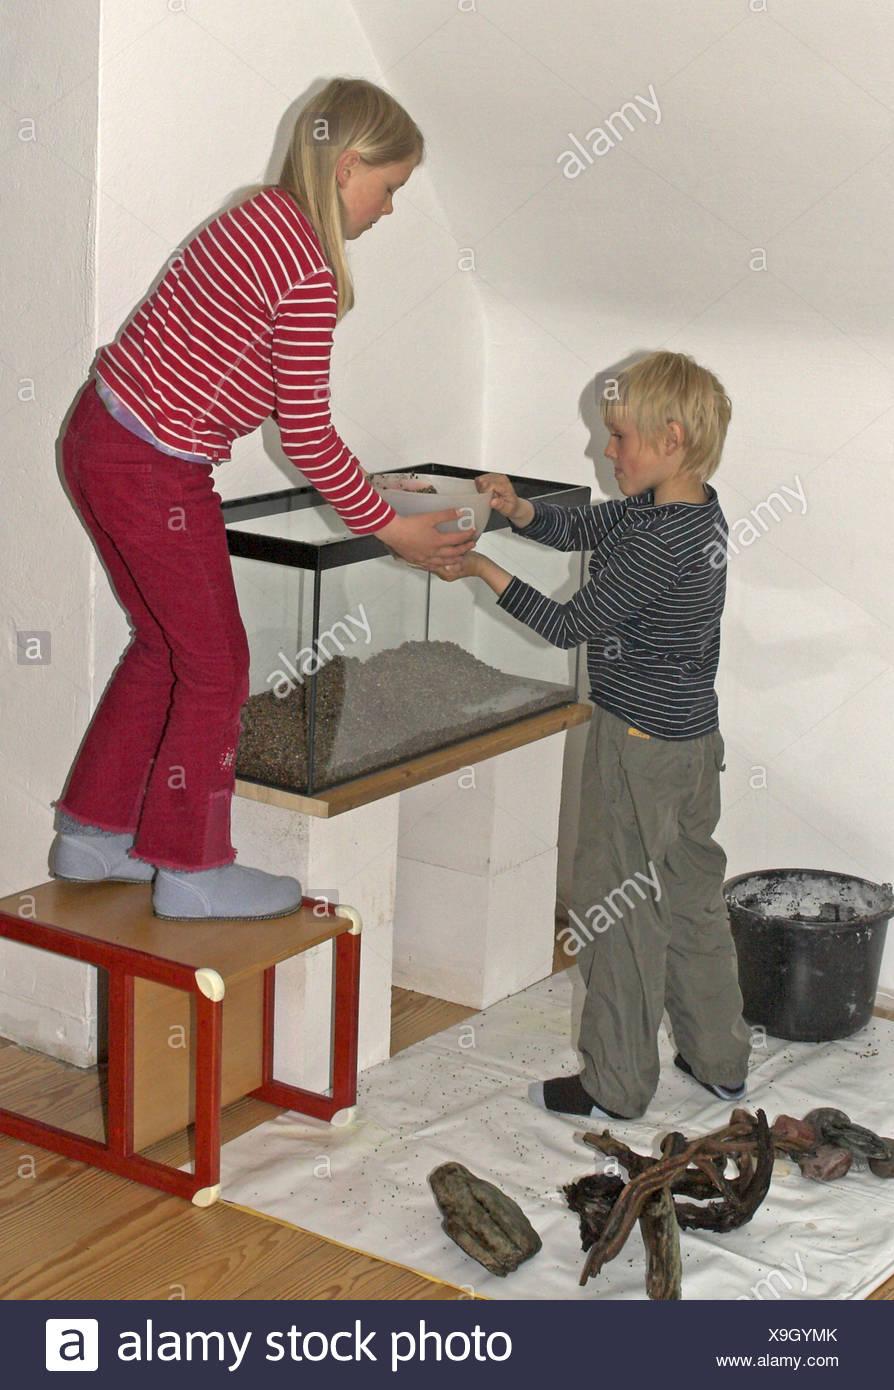 constructing an aquarium; children  dumping pebbles in the empty aquarium - Stock Image